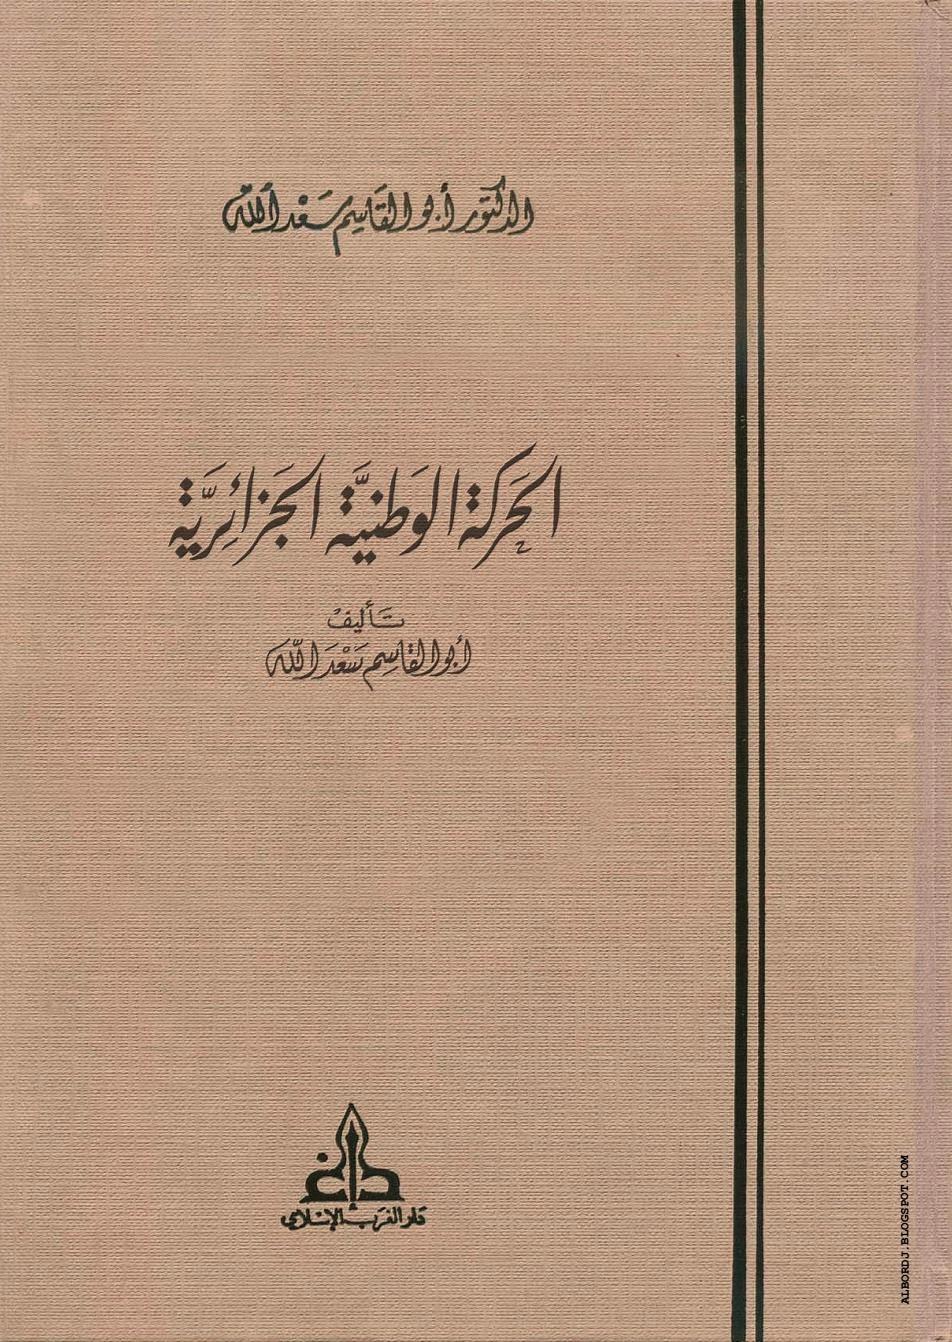 تحميل كتاب الحركة الوطنية الجزائرية الثاني pdf تأليف ابو القاسم سعد الله مجاناً | تحميل كتب pdf